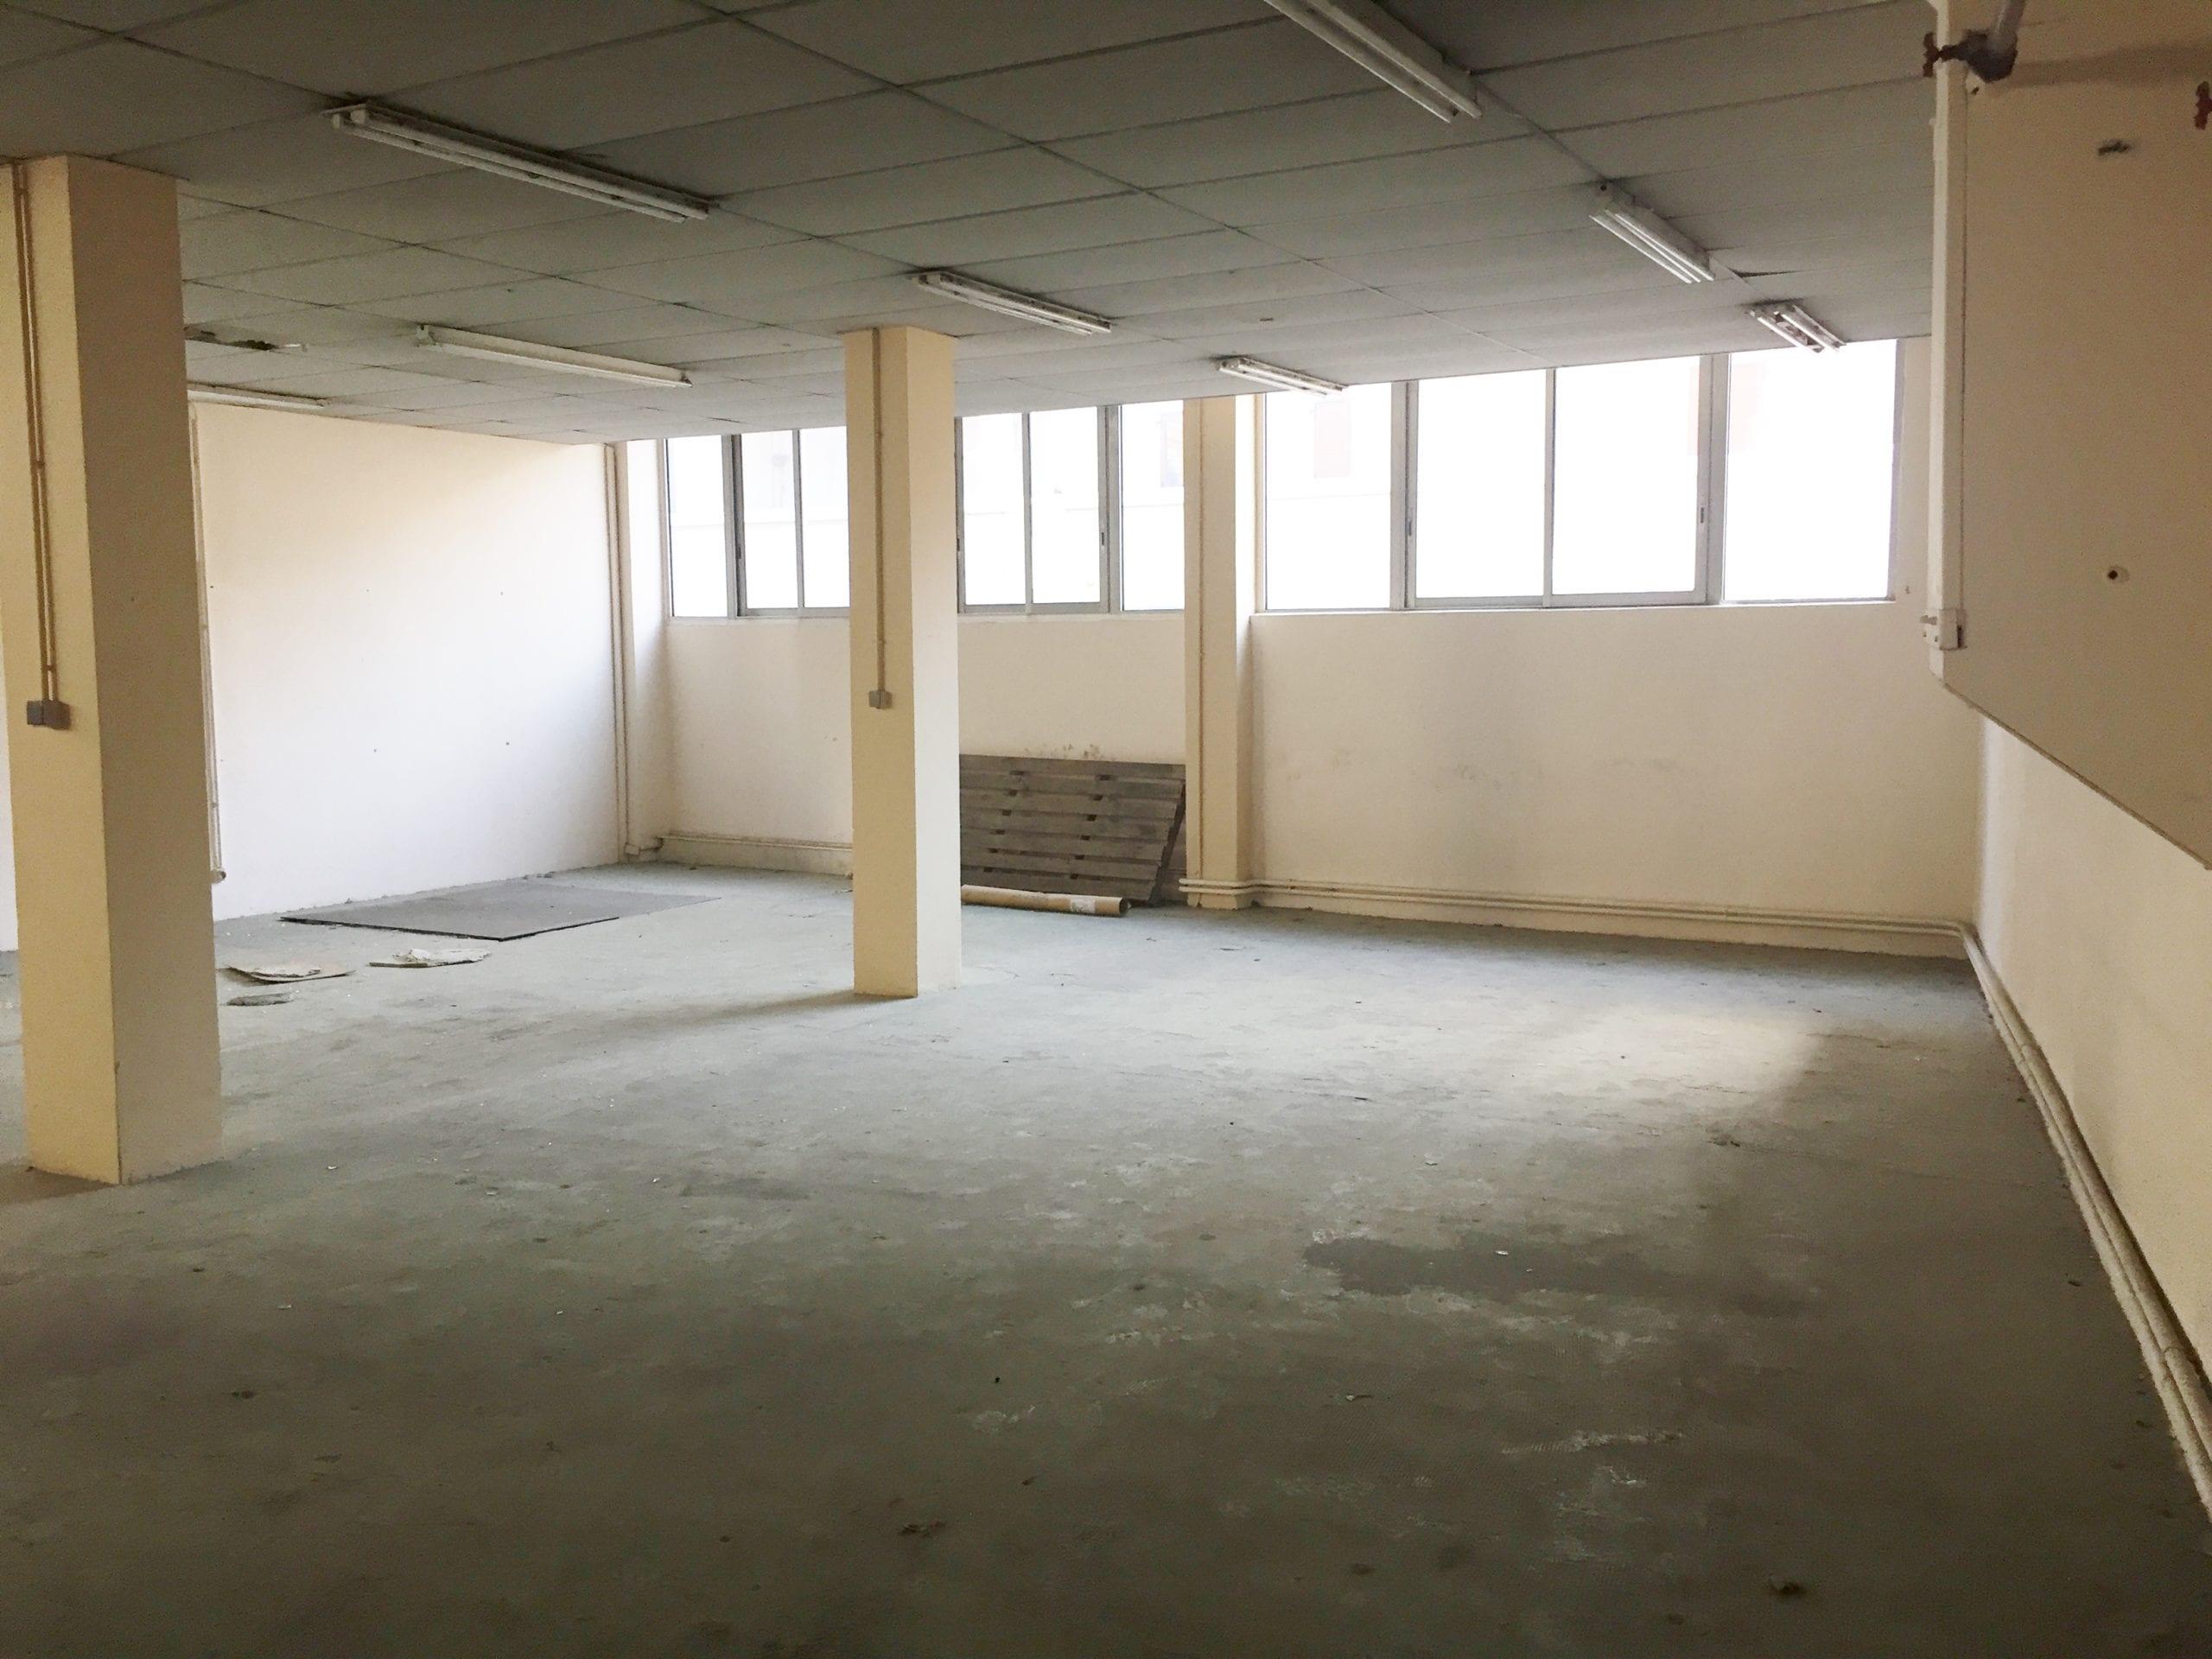 Vente Immeuble 415 m² + terrasse 70 m² – A vendre Marseille 13008